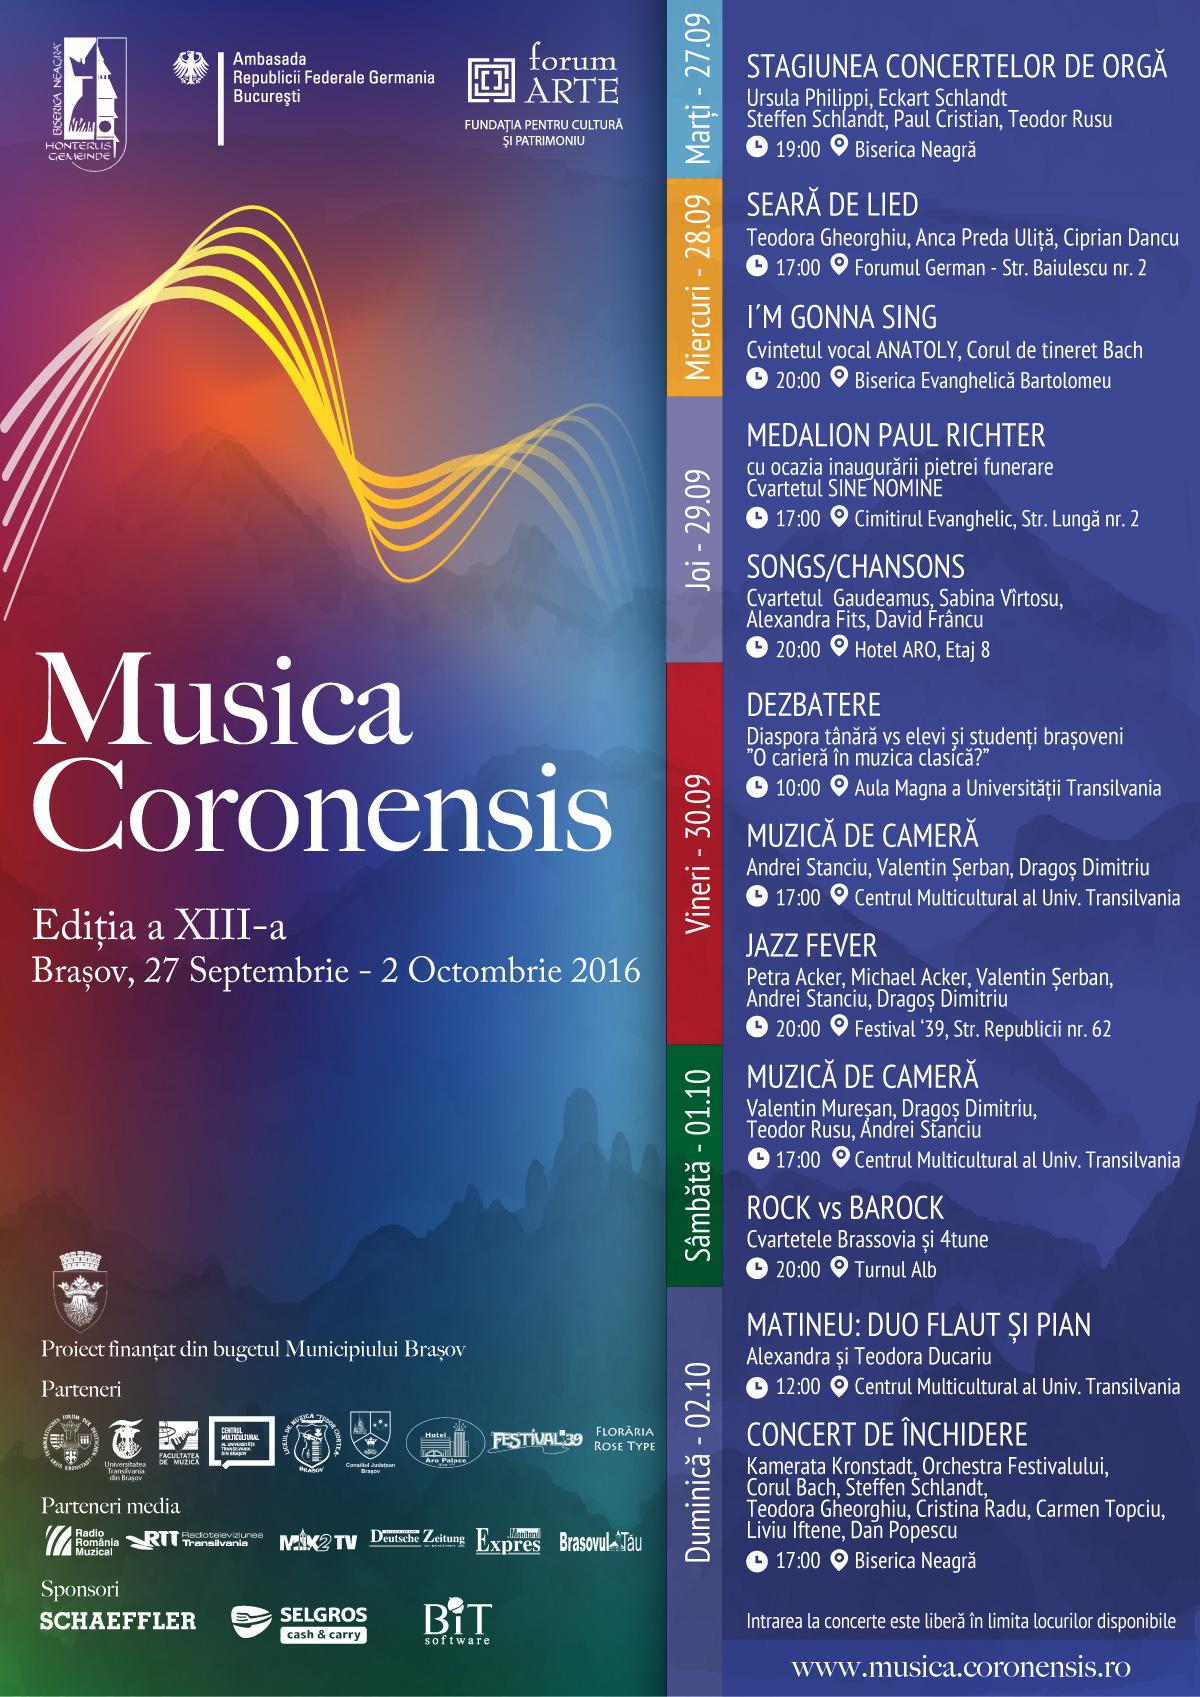 Festivalul Musica Coronensis 2016